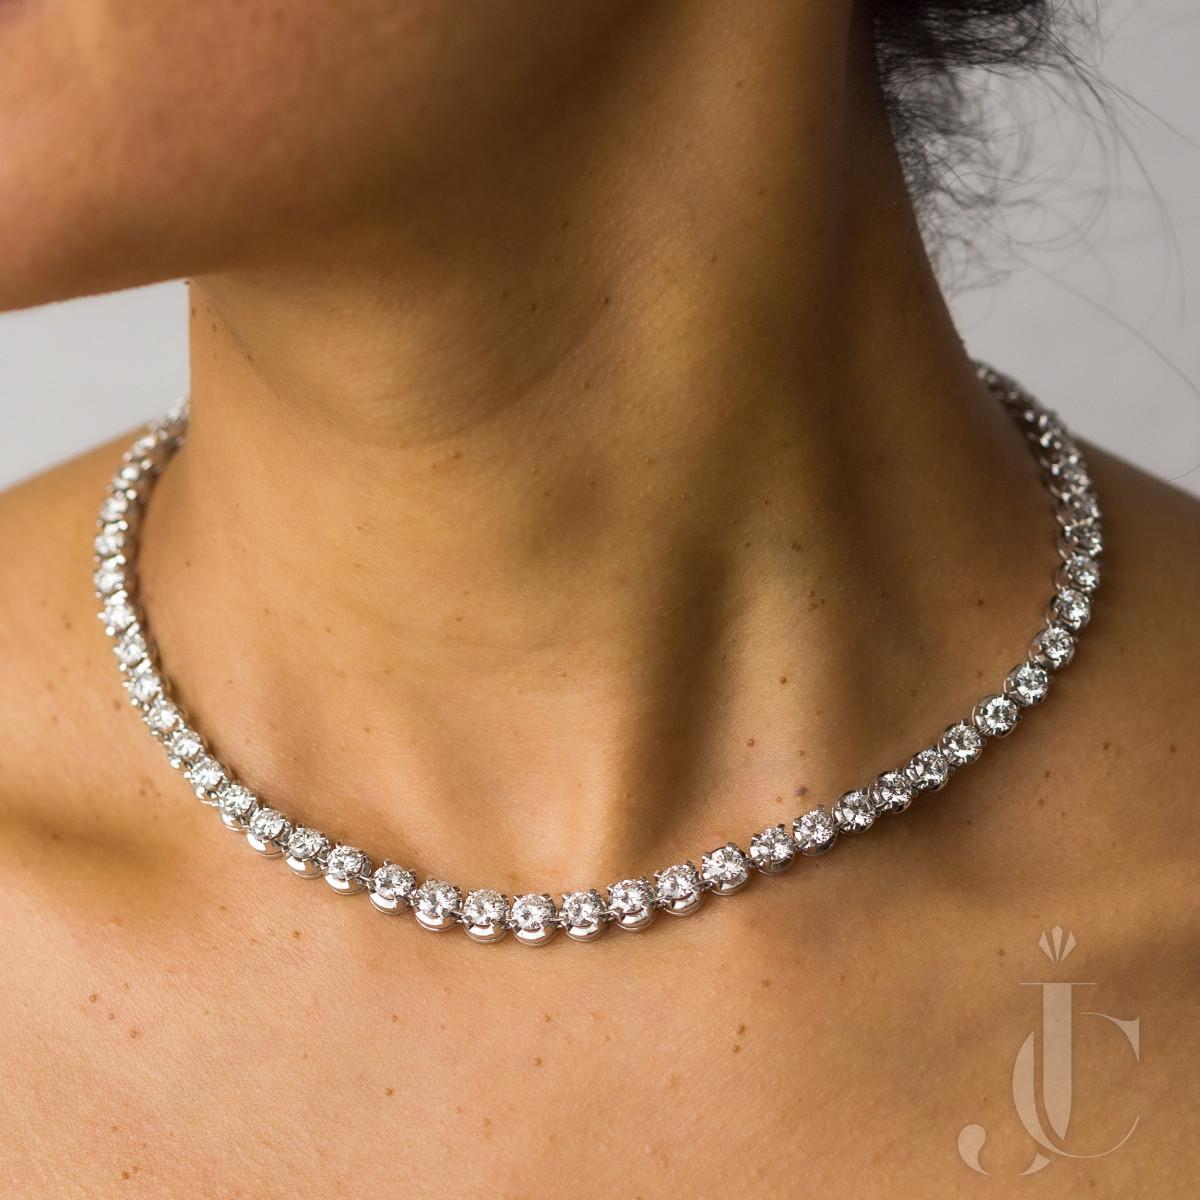 Platinum Diamond Rivière Necklace, 22 Carats, FG VVS